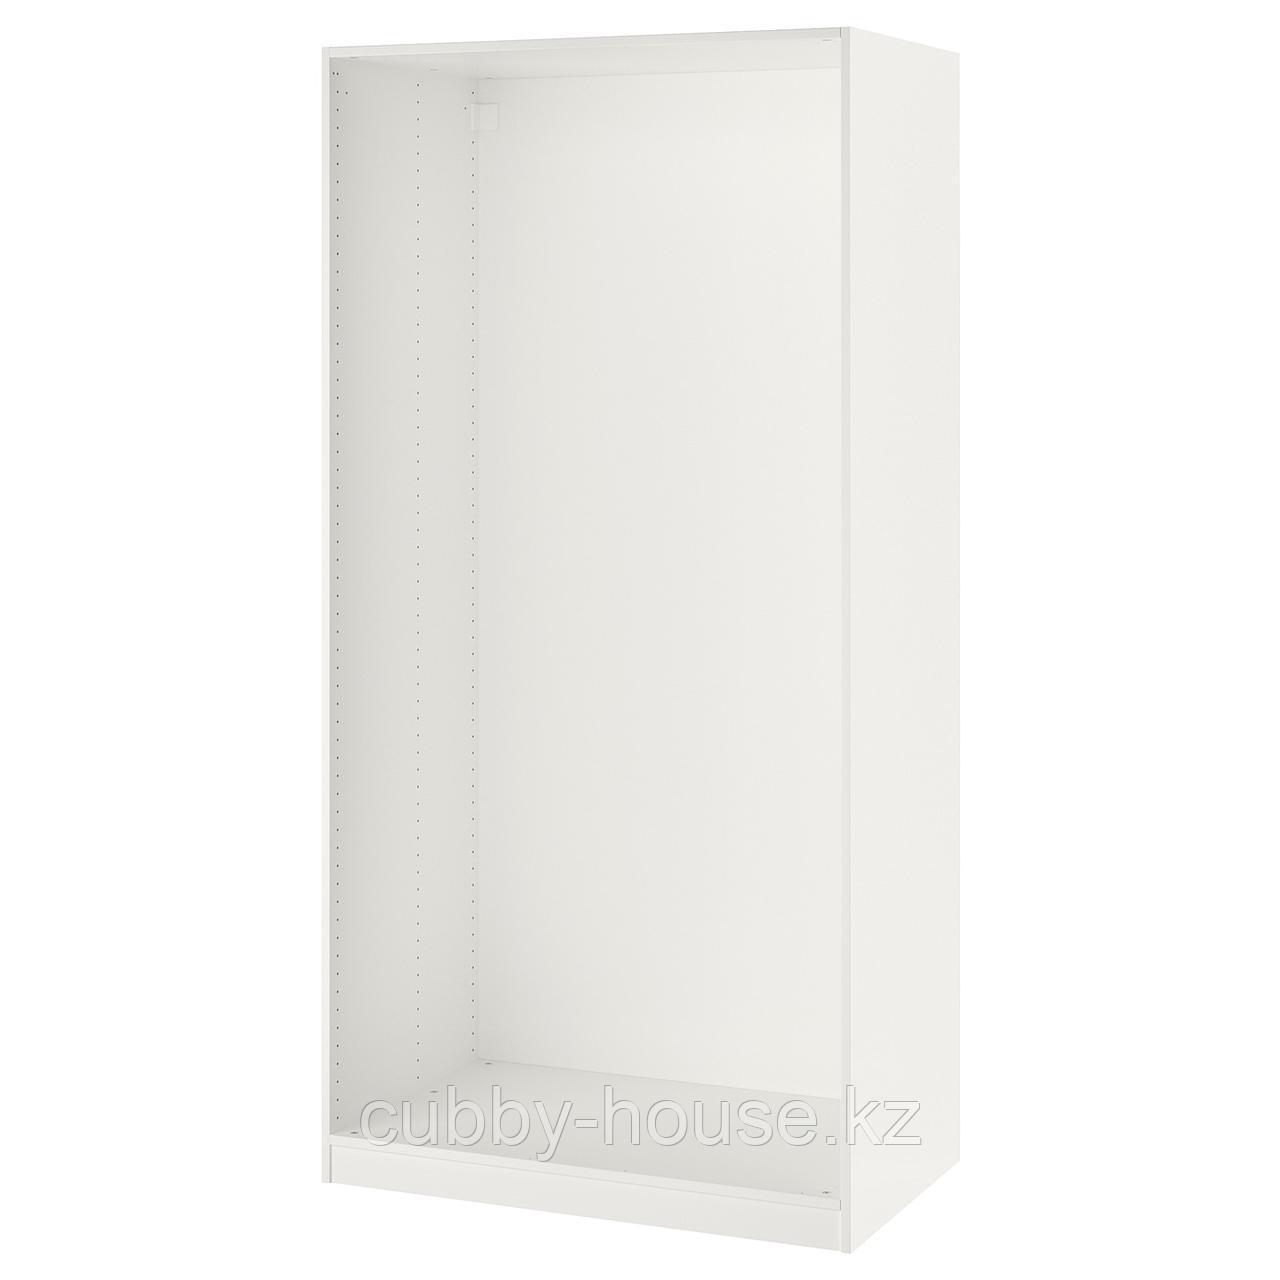 ПАКС Каркас гардероба, белый, 100x58x201 см